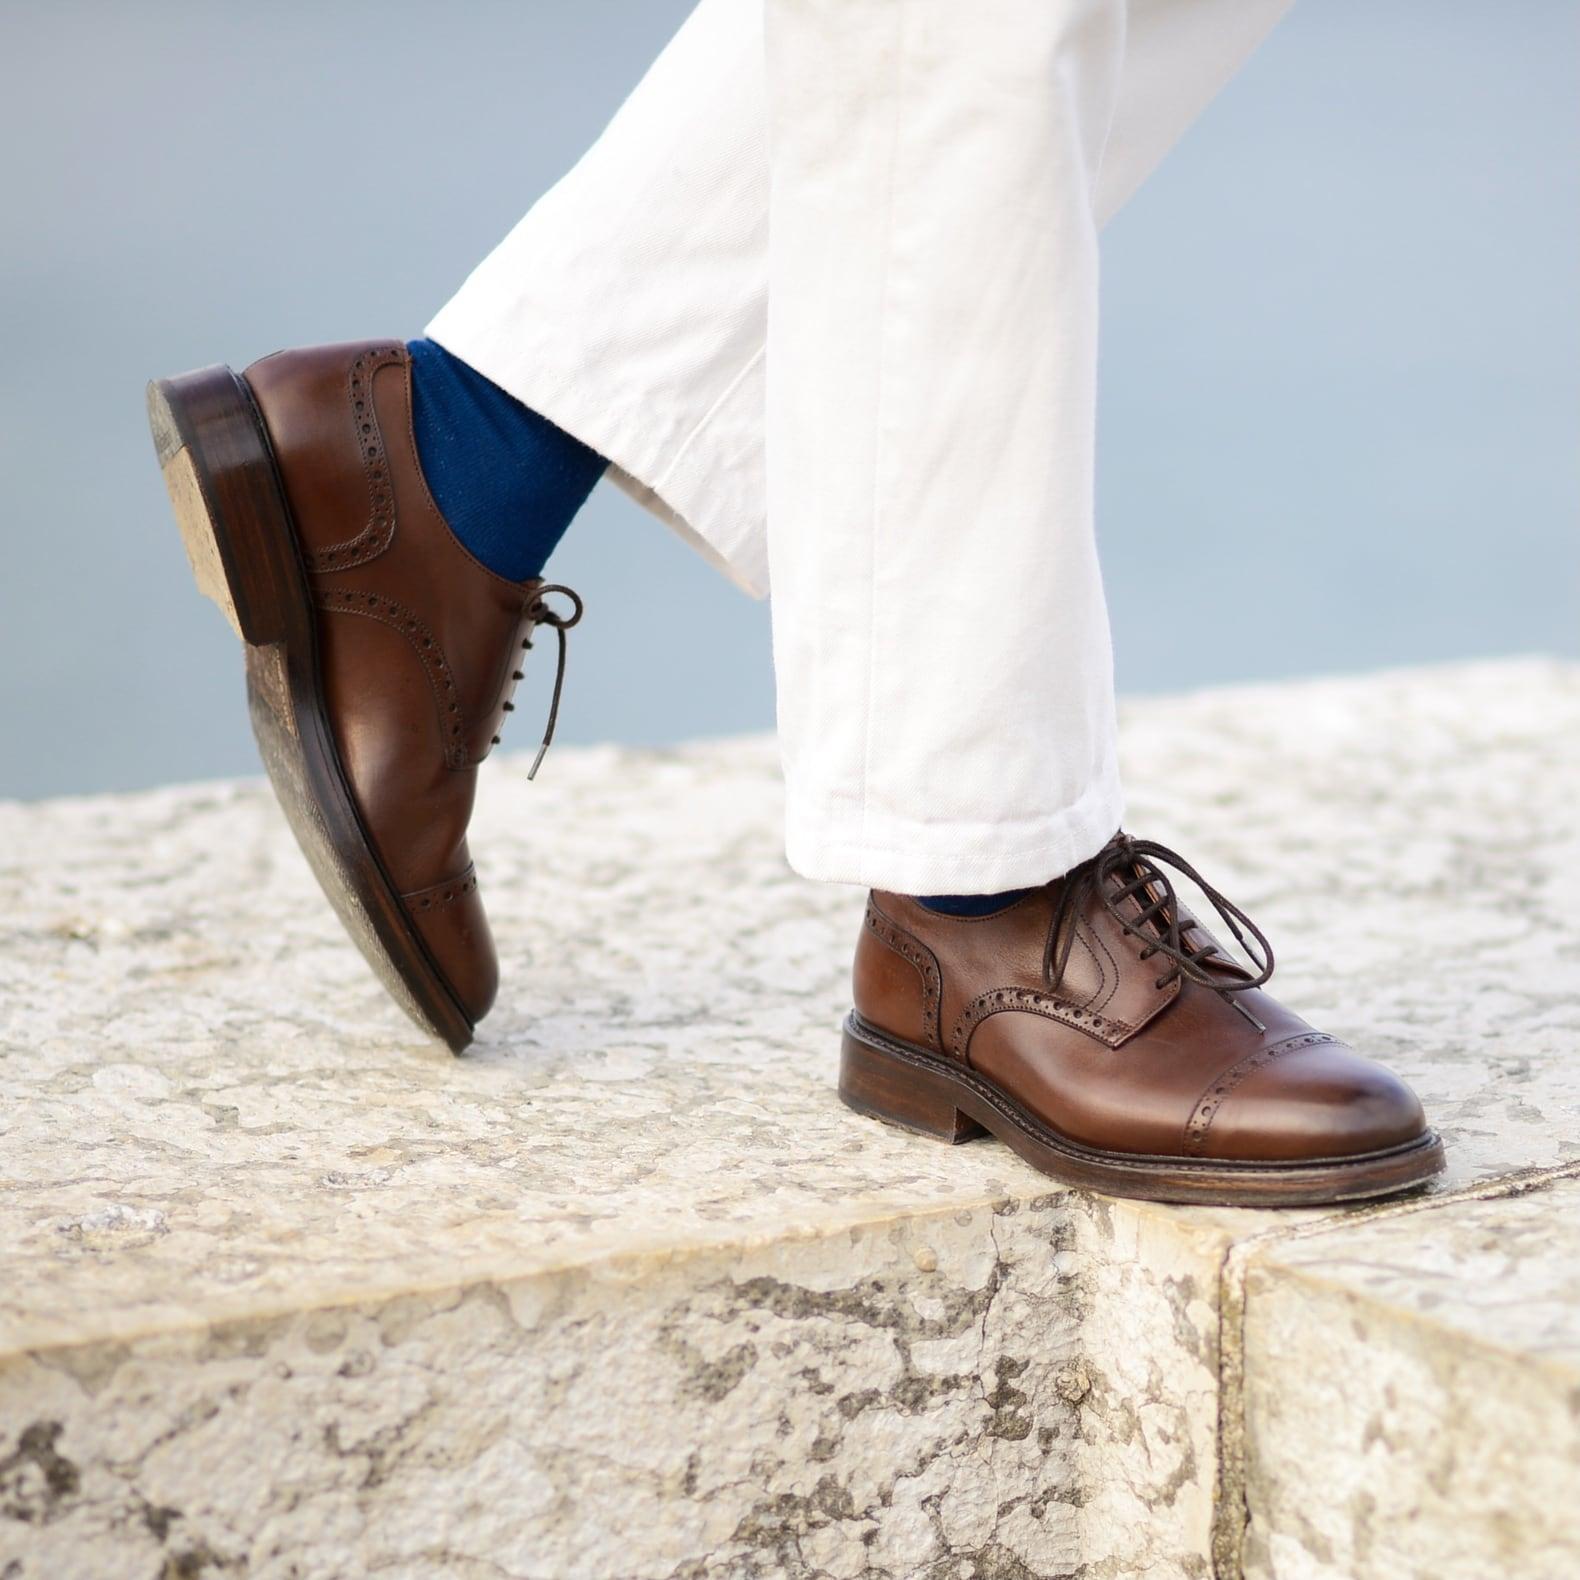 porter des chaussures souliers marrons avec un pantalon blanc